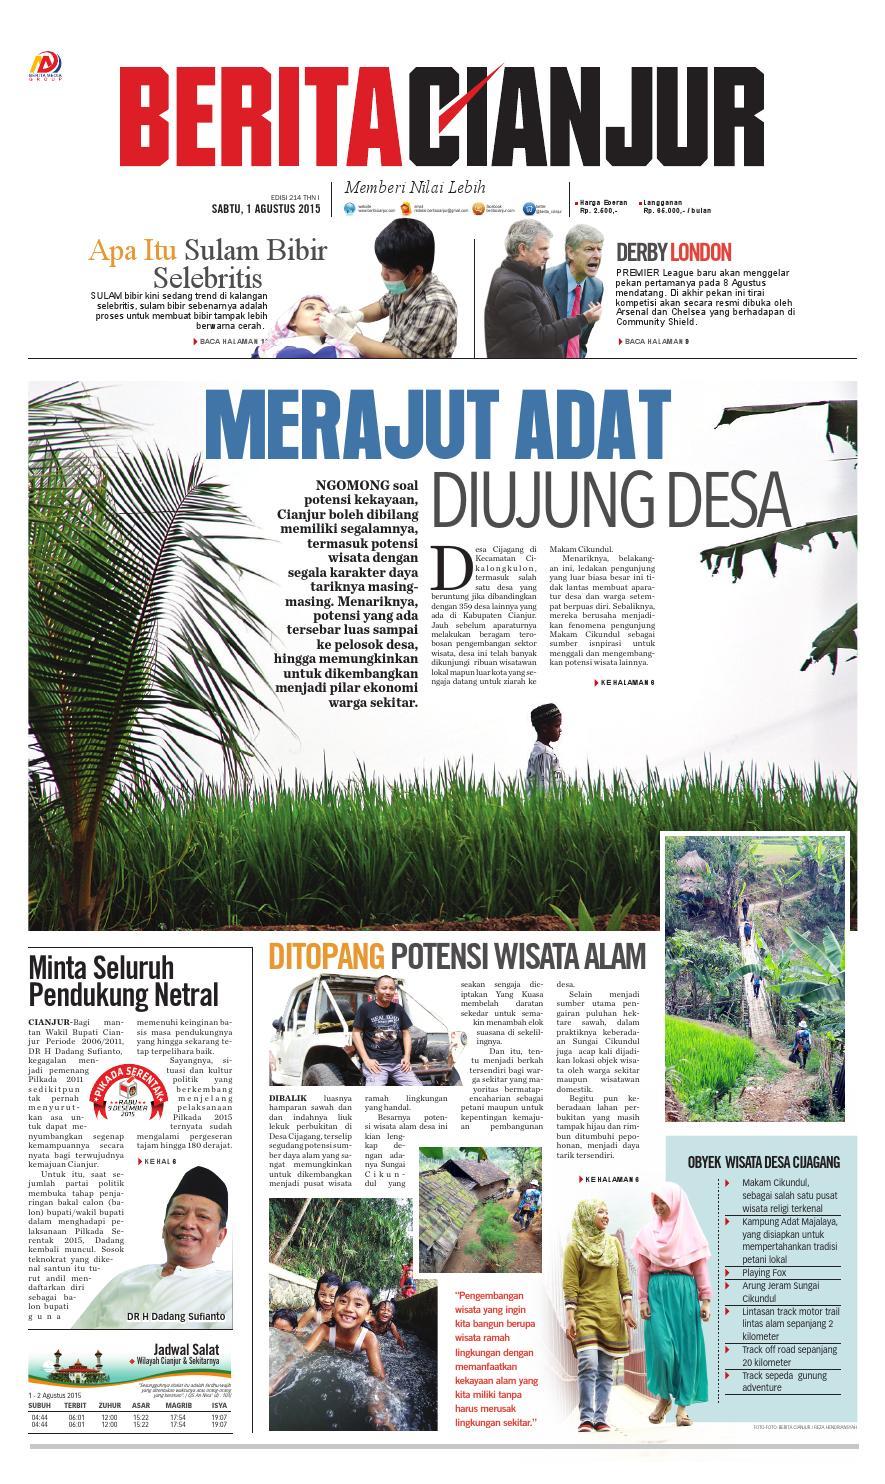 berita cianjur merajut adat di ujung desa by